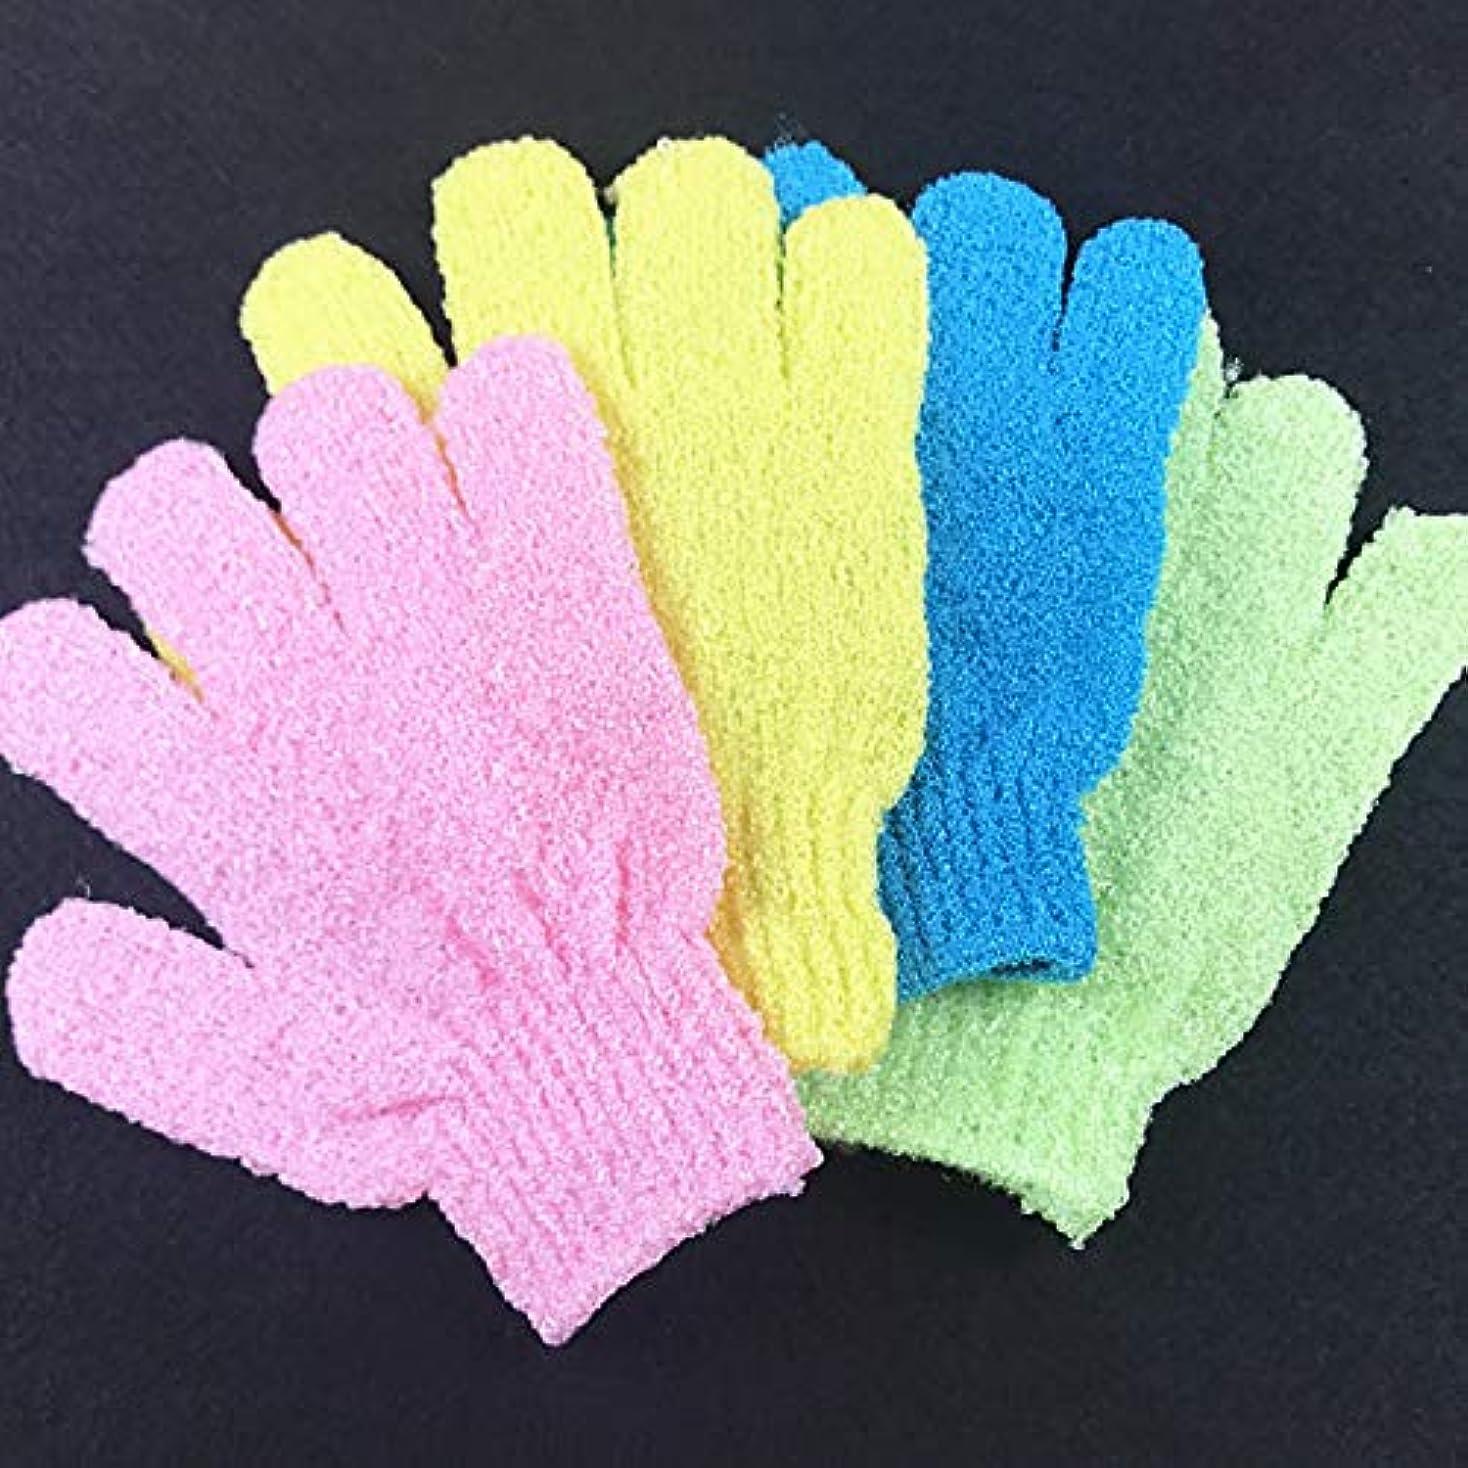 フィードバック模索ミンチお風呂用手袋 浴用手袋 角質除去 入浴用品 垢すり用グローブ 抗菌加工 泡立ち 男女兼用 5枚セット (色のランダム)